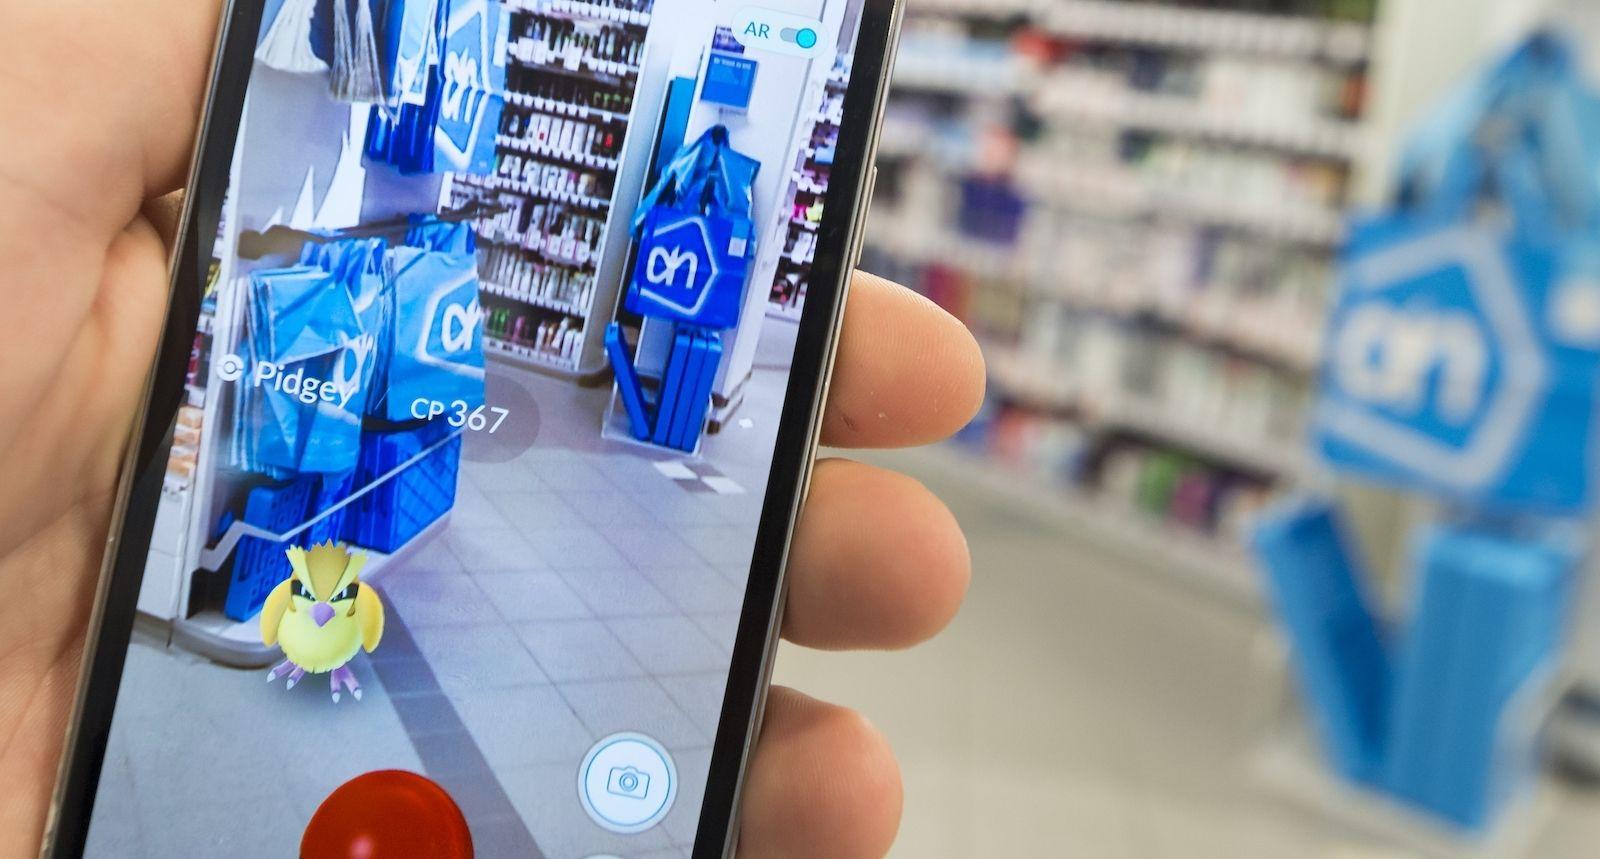 AH albert heijn openingstijden pasen 2021 boodschappen retail supermsrkt